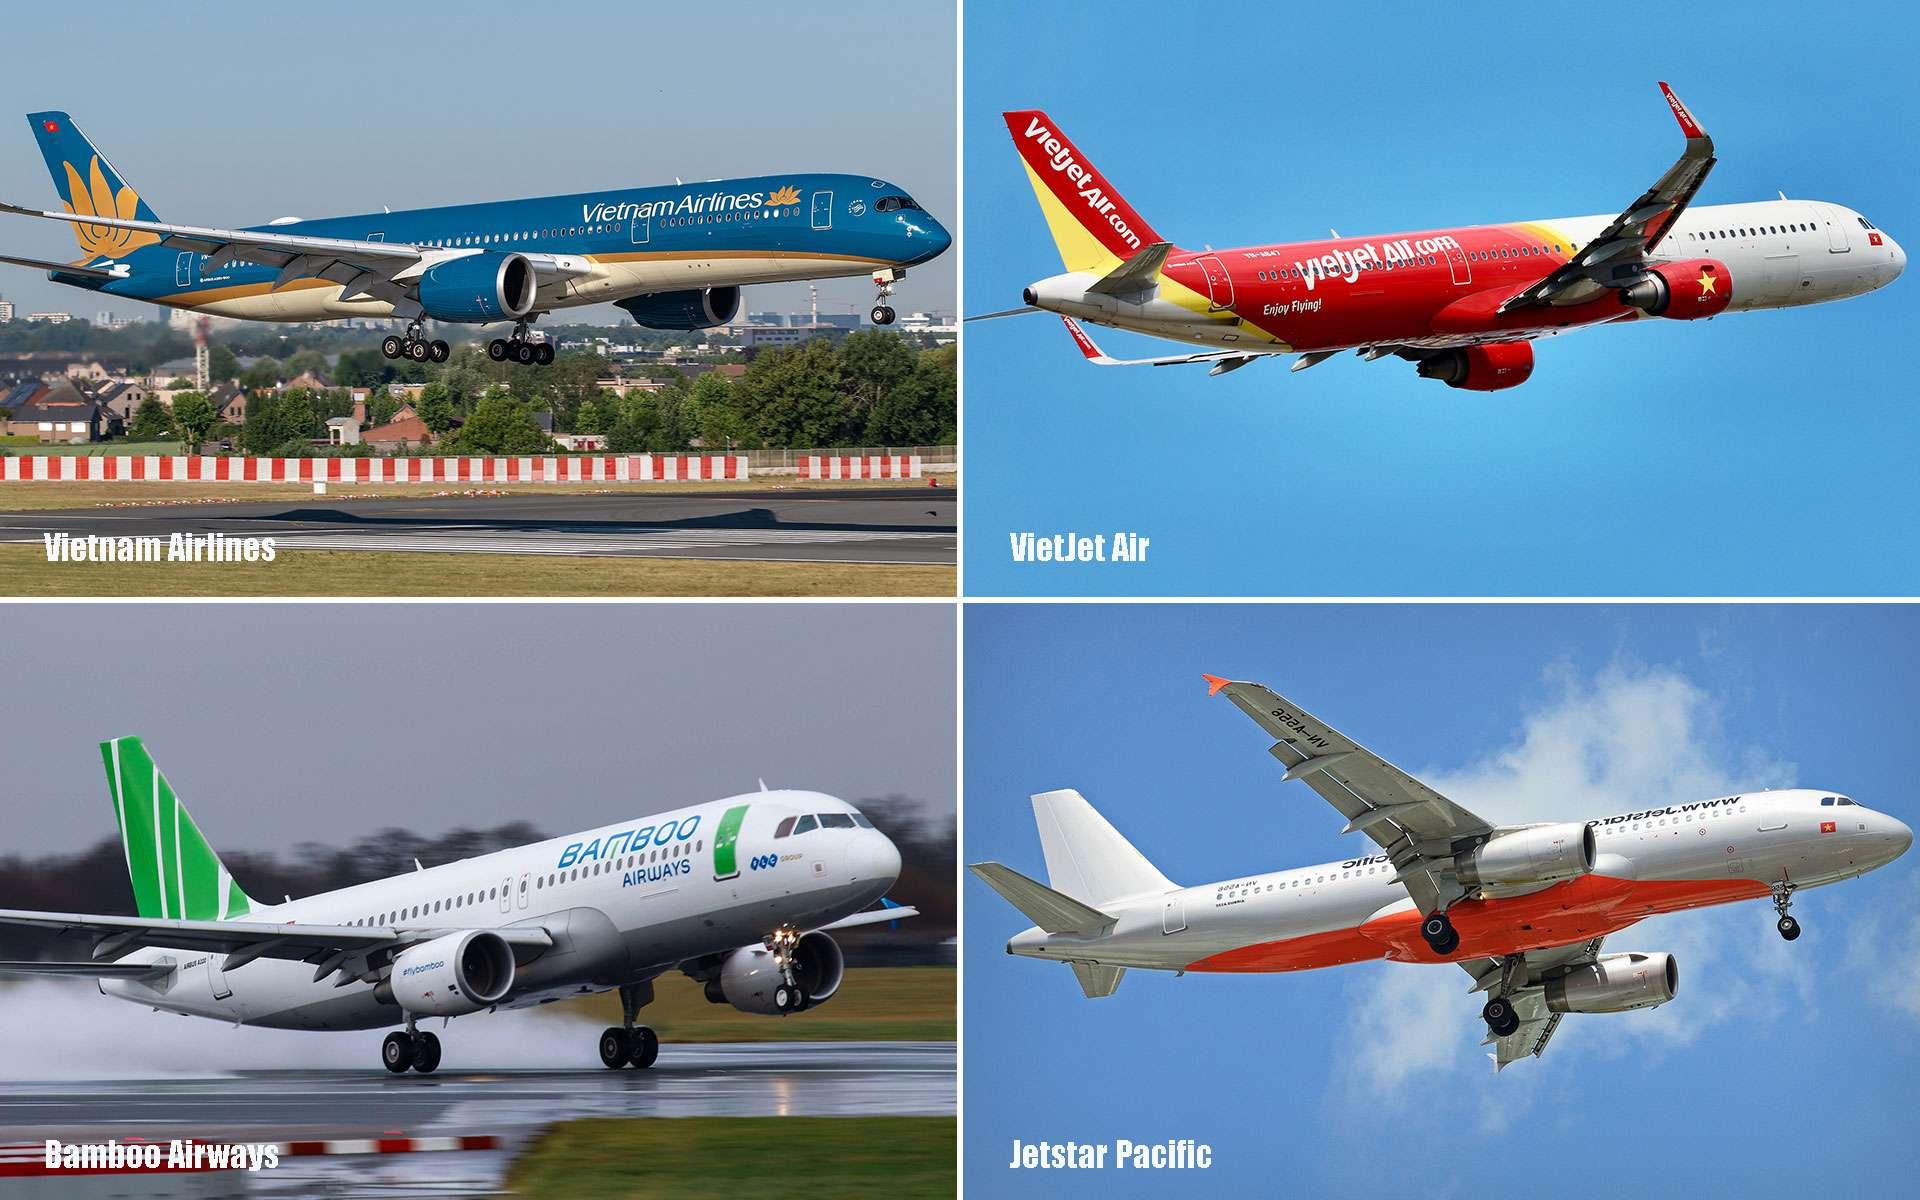 4 popular carriers in Vietnam